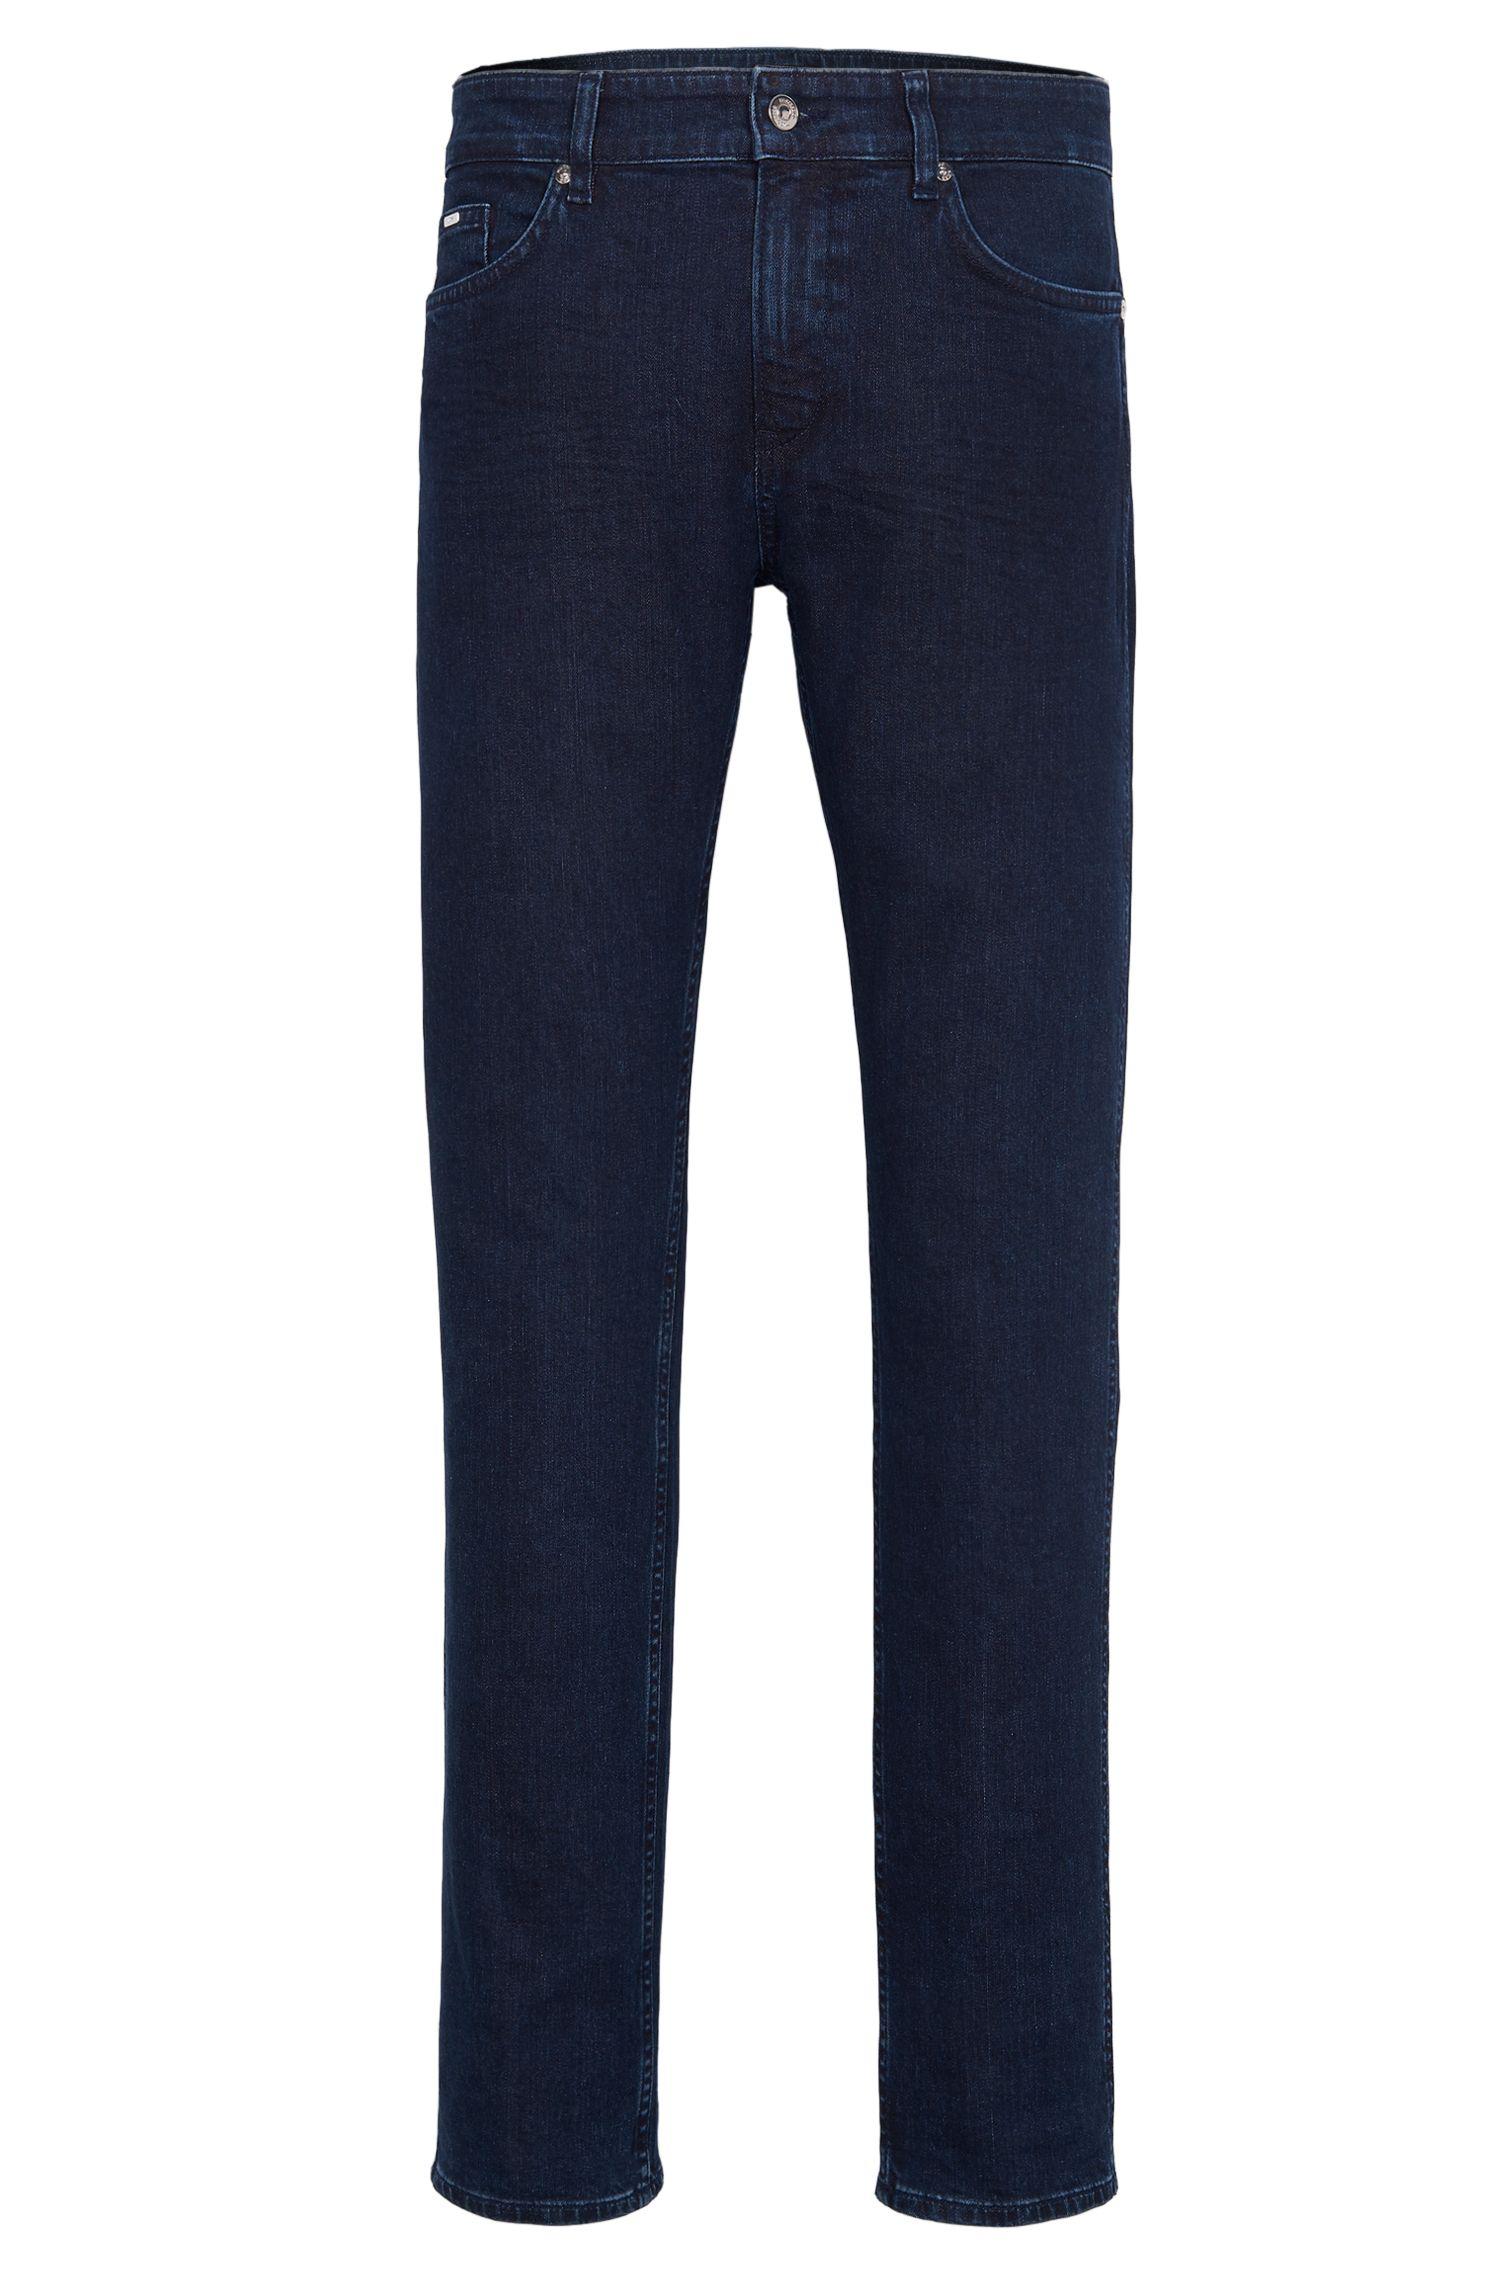 8 oz Stretch Cotton Jean, Slim Fit   Delaware